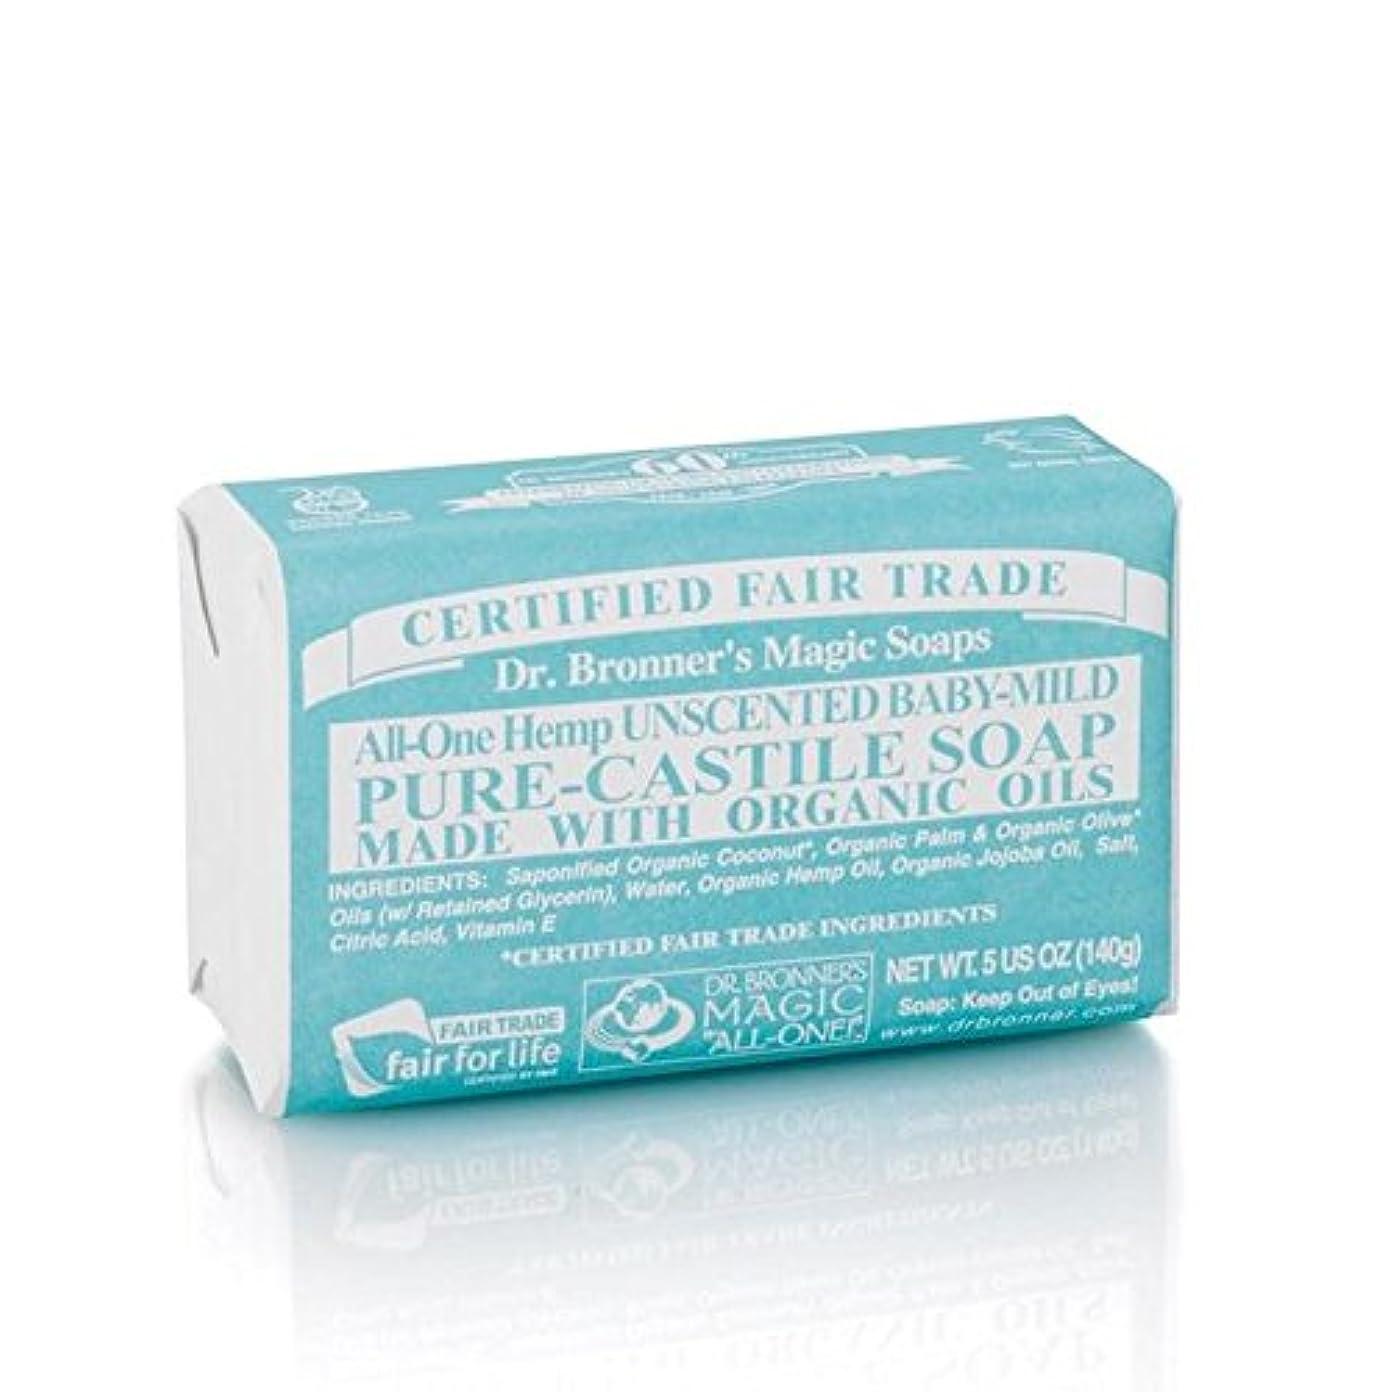 ロールインチぼんやりしたのブロナーオーガニックベビーマイルドソープバー140グラム x4 - Dr Bronner Organic Baby Mild Soap Bar 140g (Pack of 4) [並行輸入品]